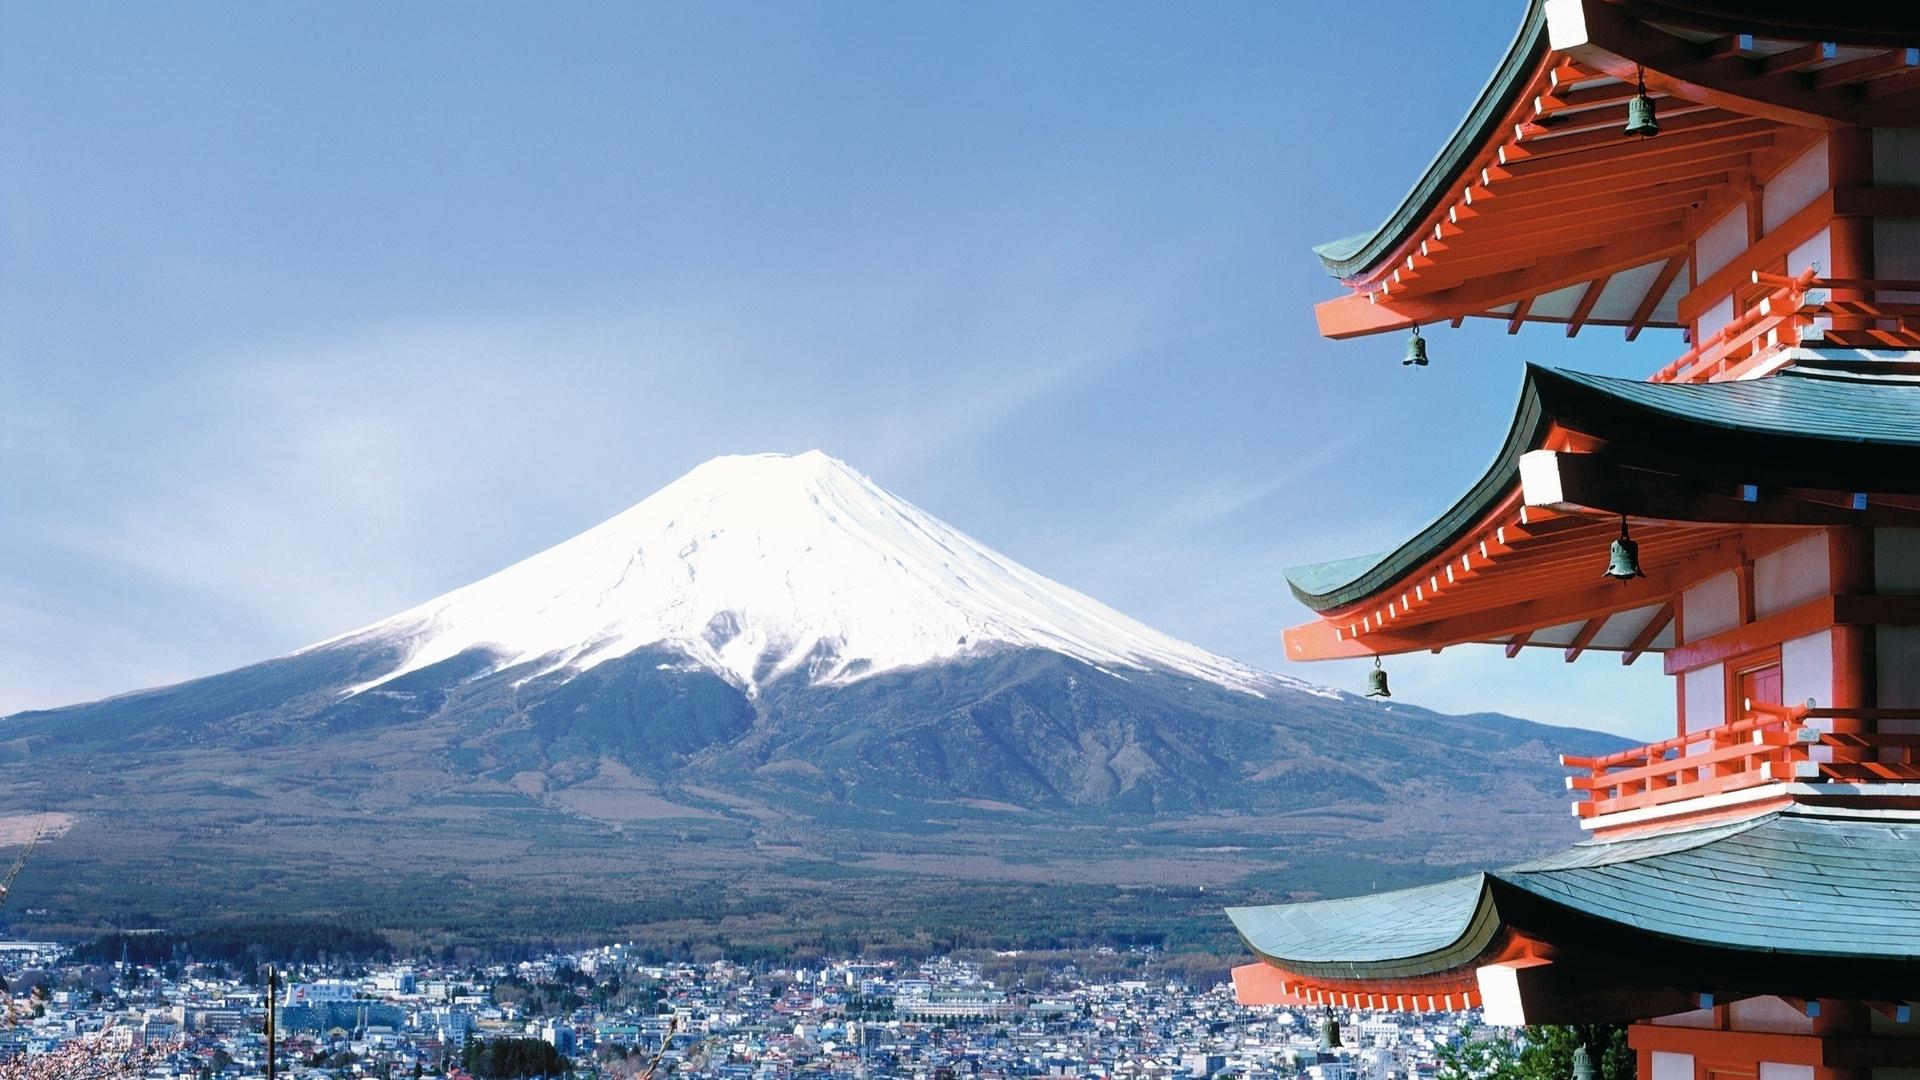 могу япония картинки все о японии воздухе, девушки отработали